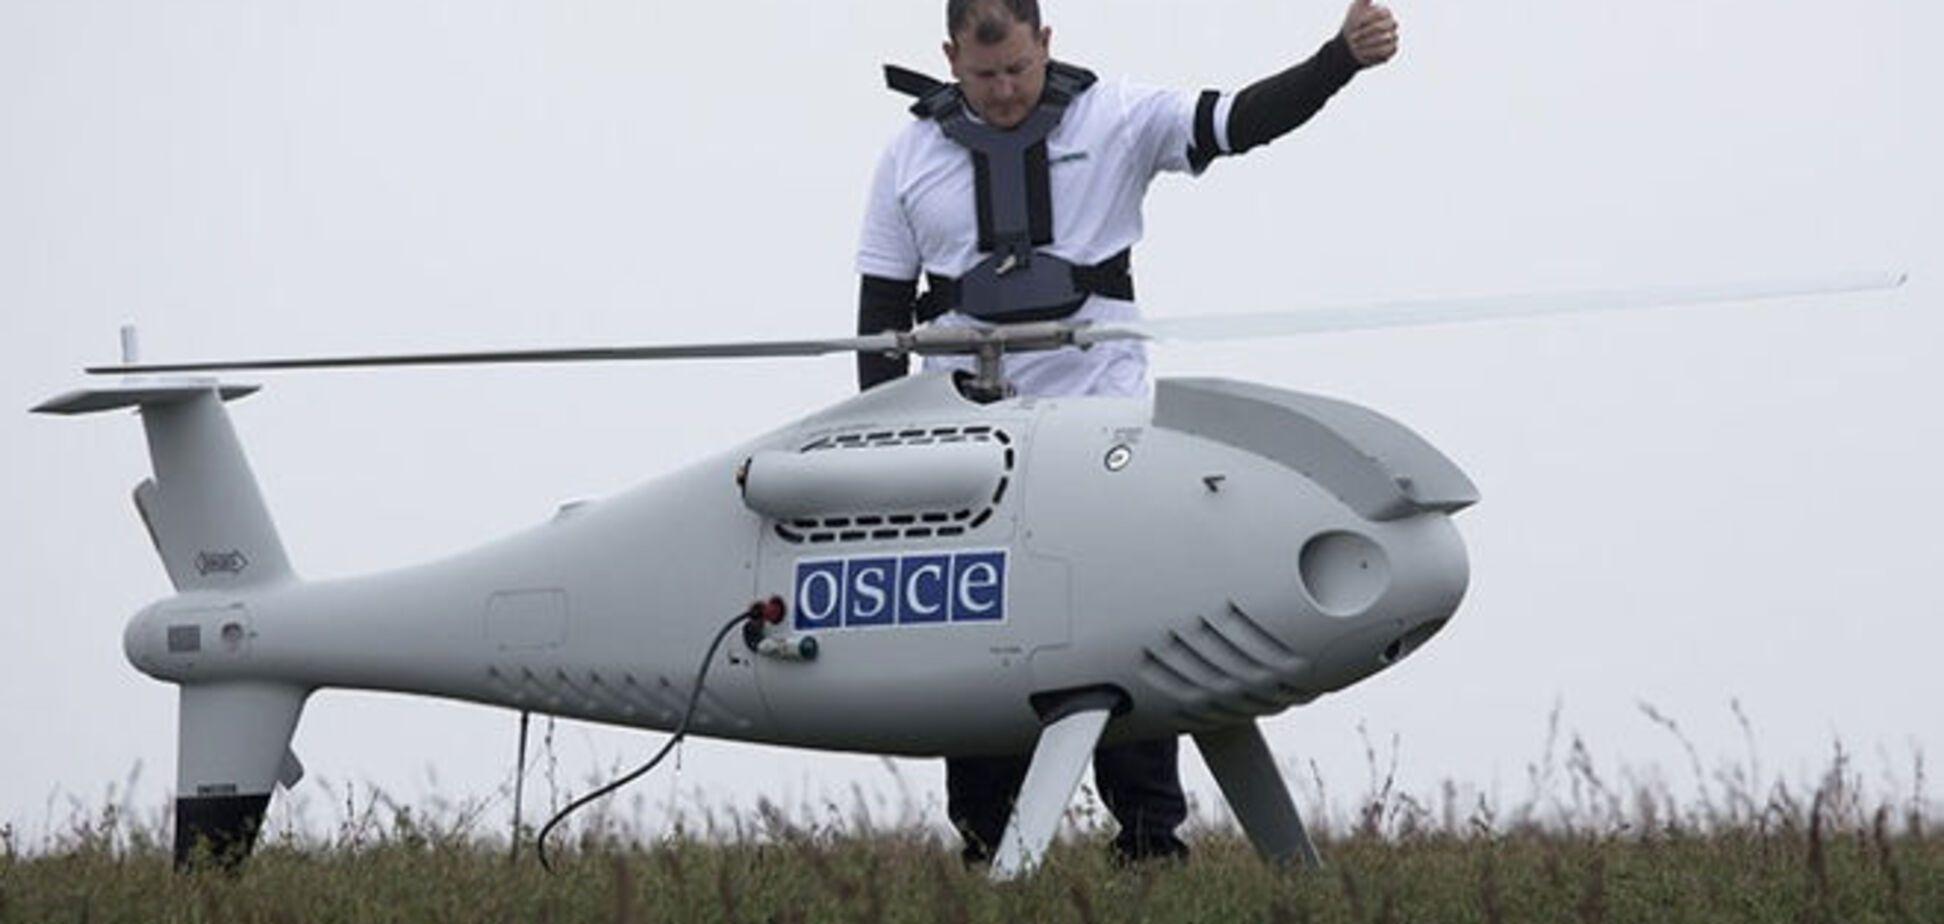 ОБСЕ обвинила Украину и террористов в глушении беспилотников миссии